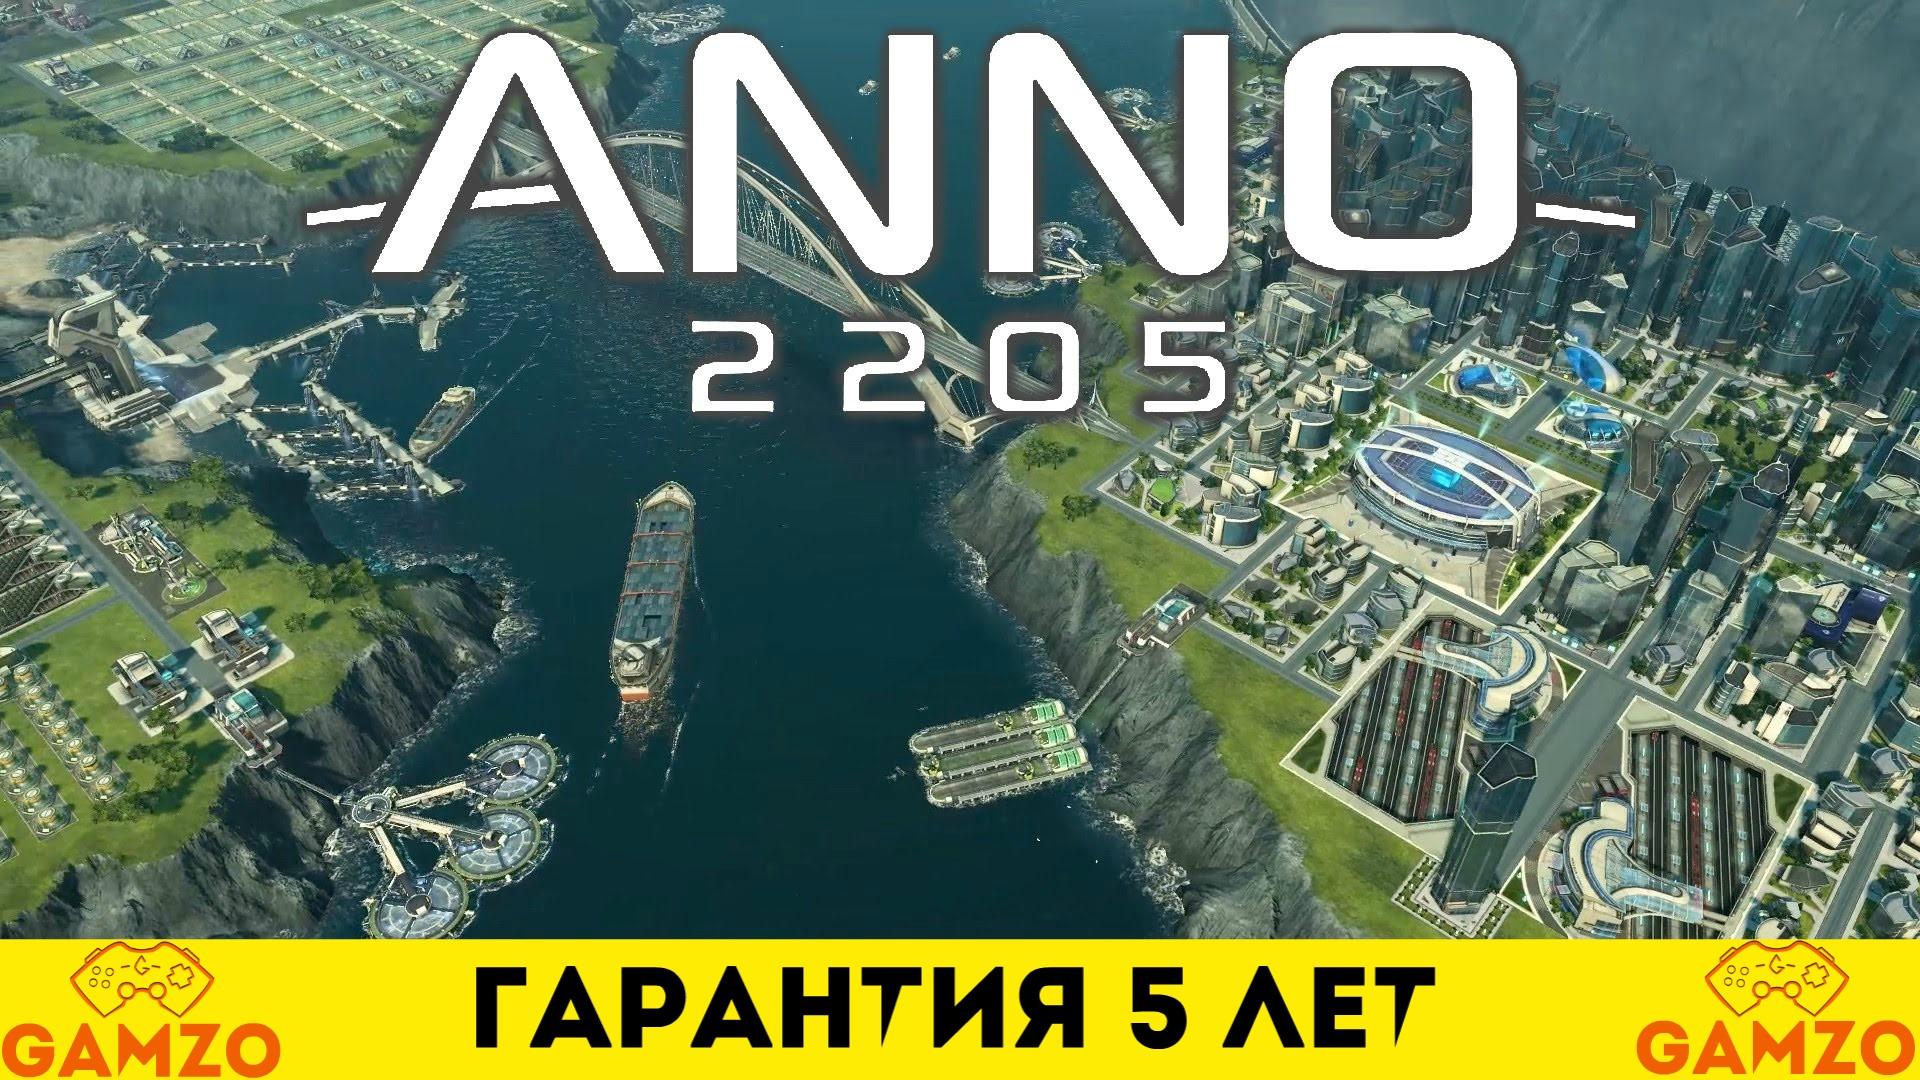 Anno 2205 [Гарантия 5 лет] + Подарок